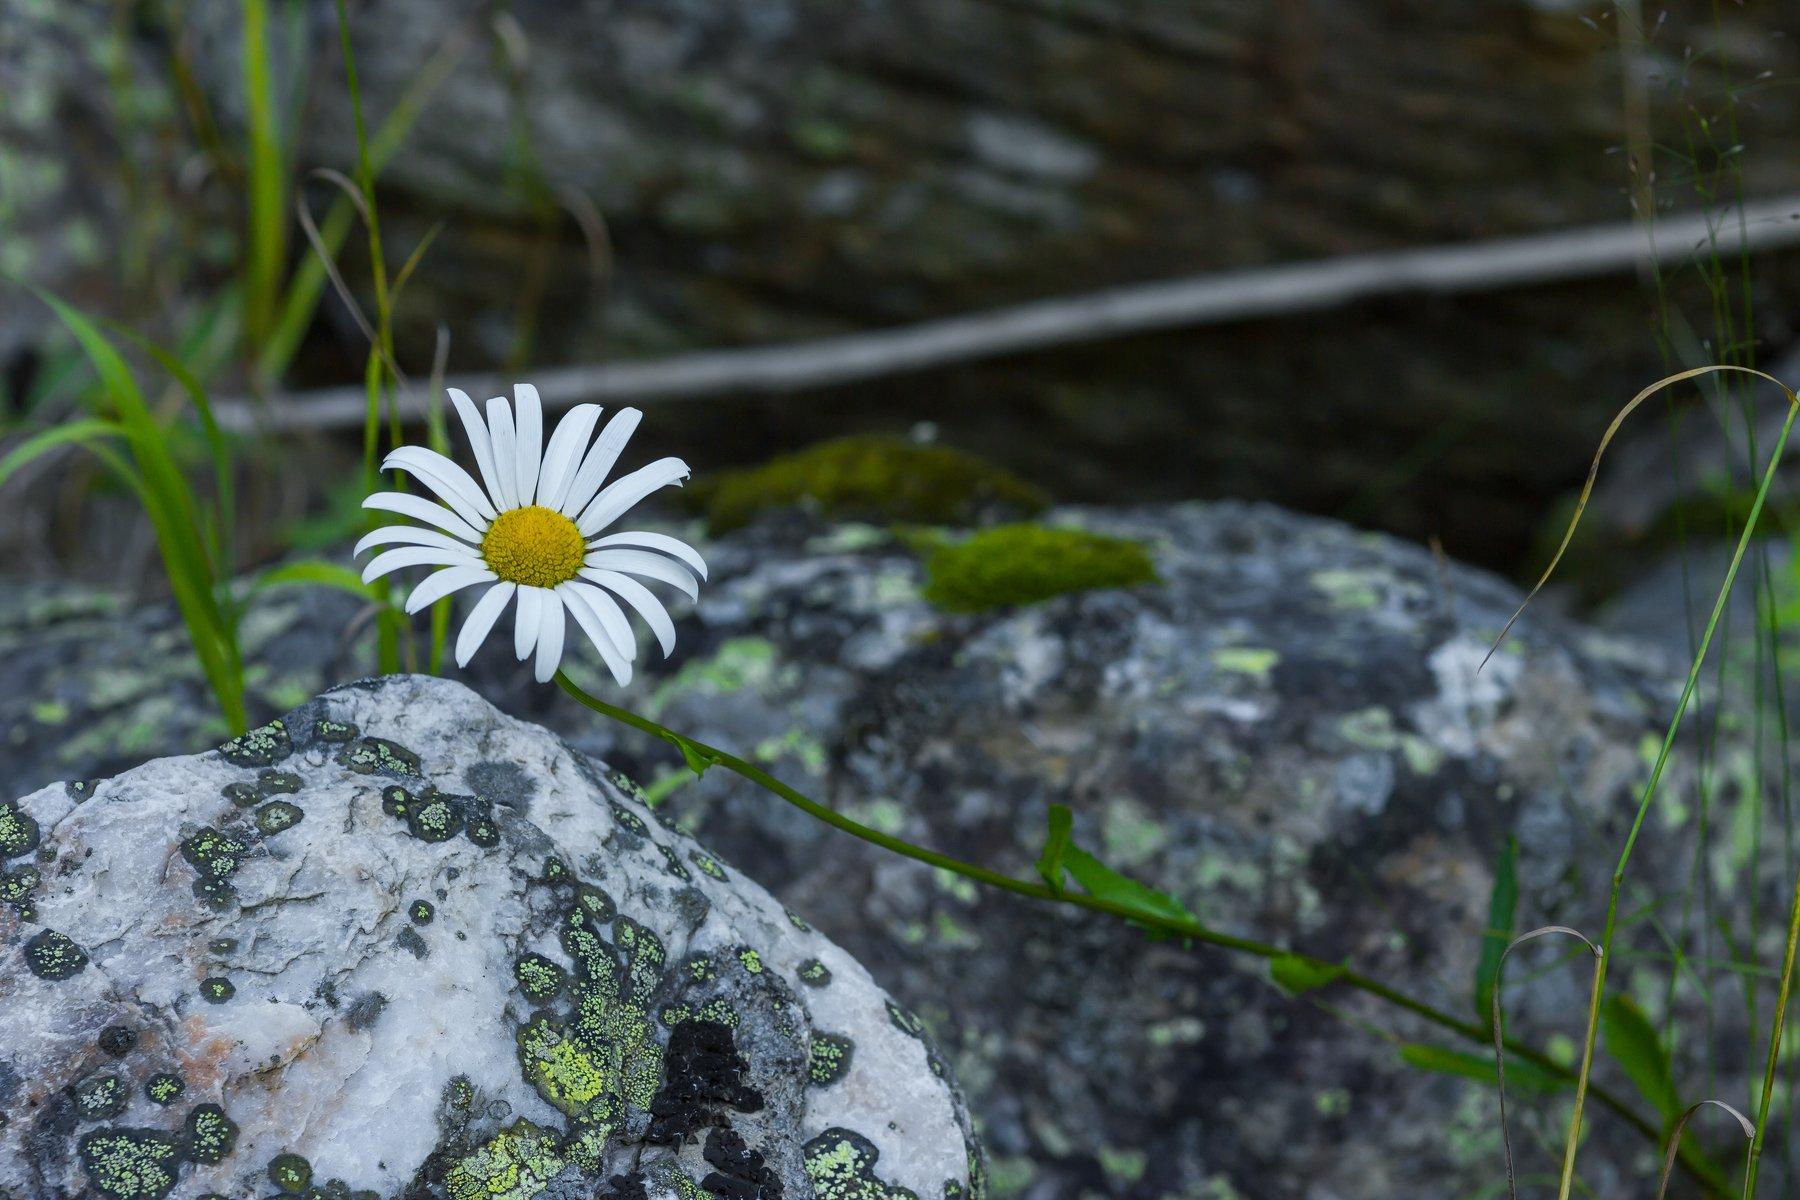 Природа, лес, растения, цветы, поповник, камни, лишайник на камне, Александр Кожухов